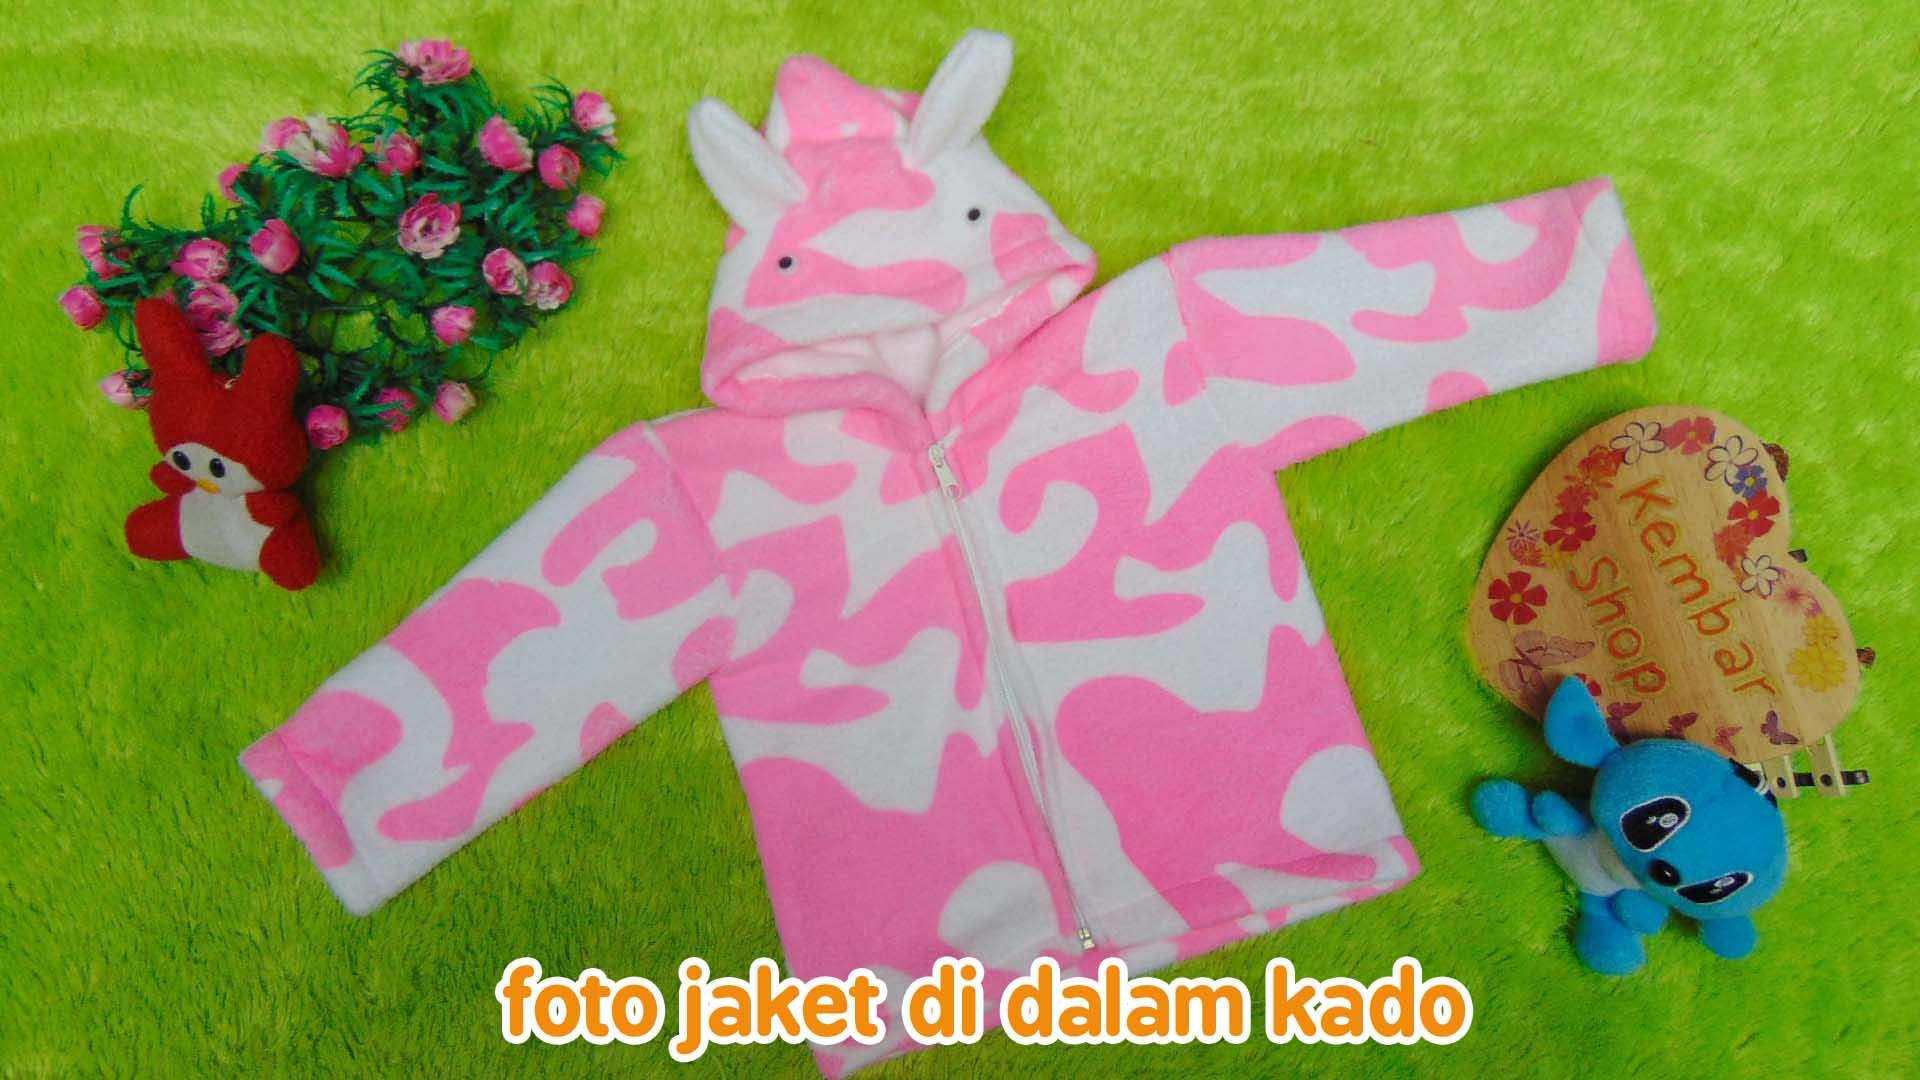 FREE KARTU UCAPAN paket kado lahiran bayi baby gift set box jaket plus boneka motif doreng pink (2)